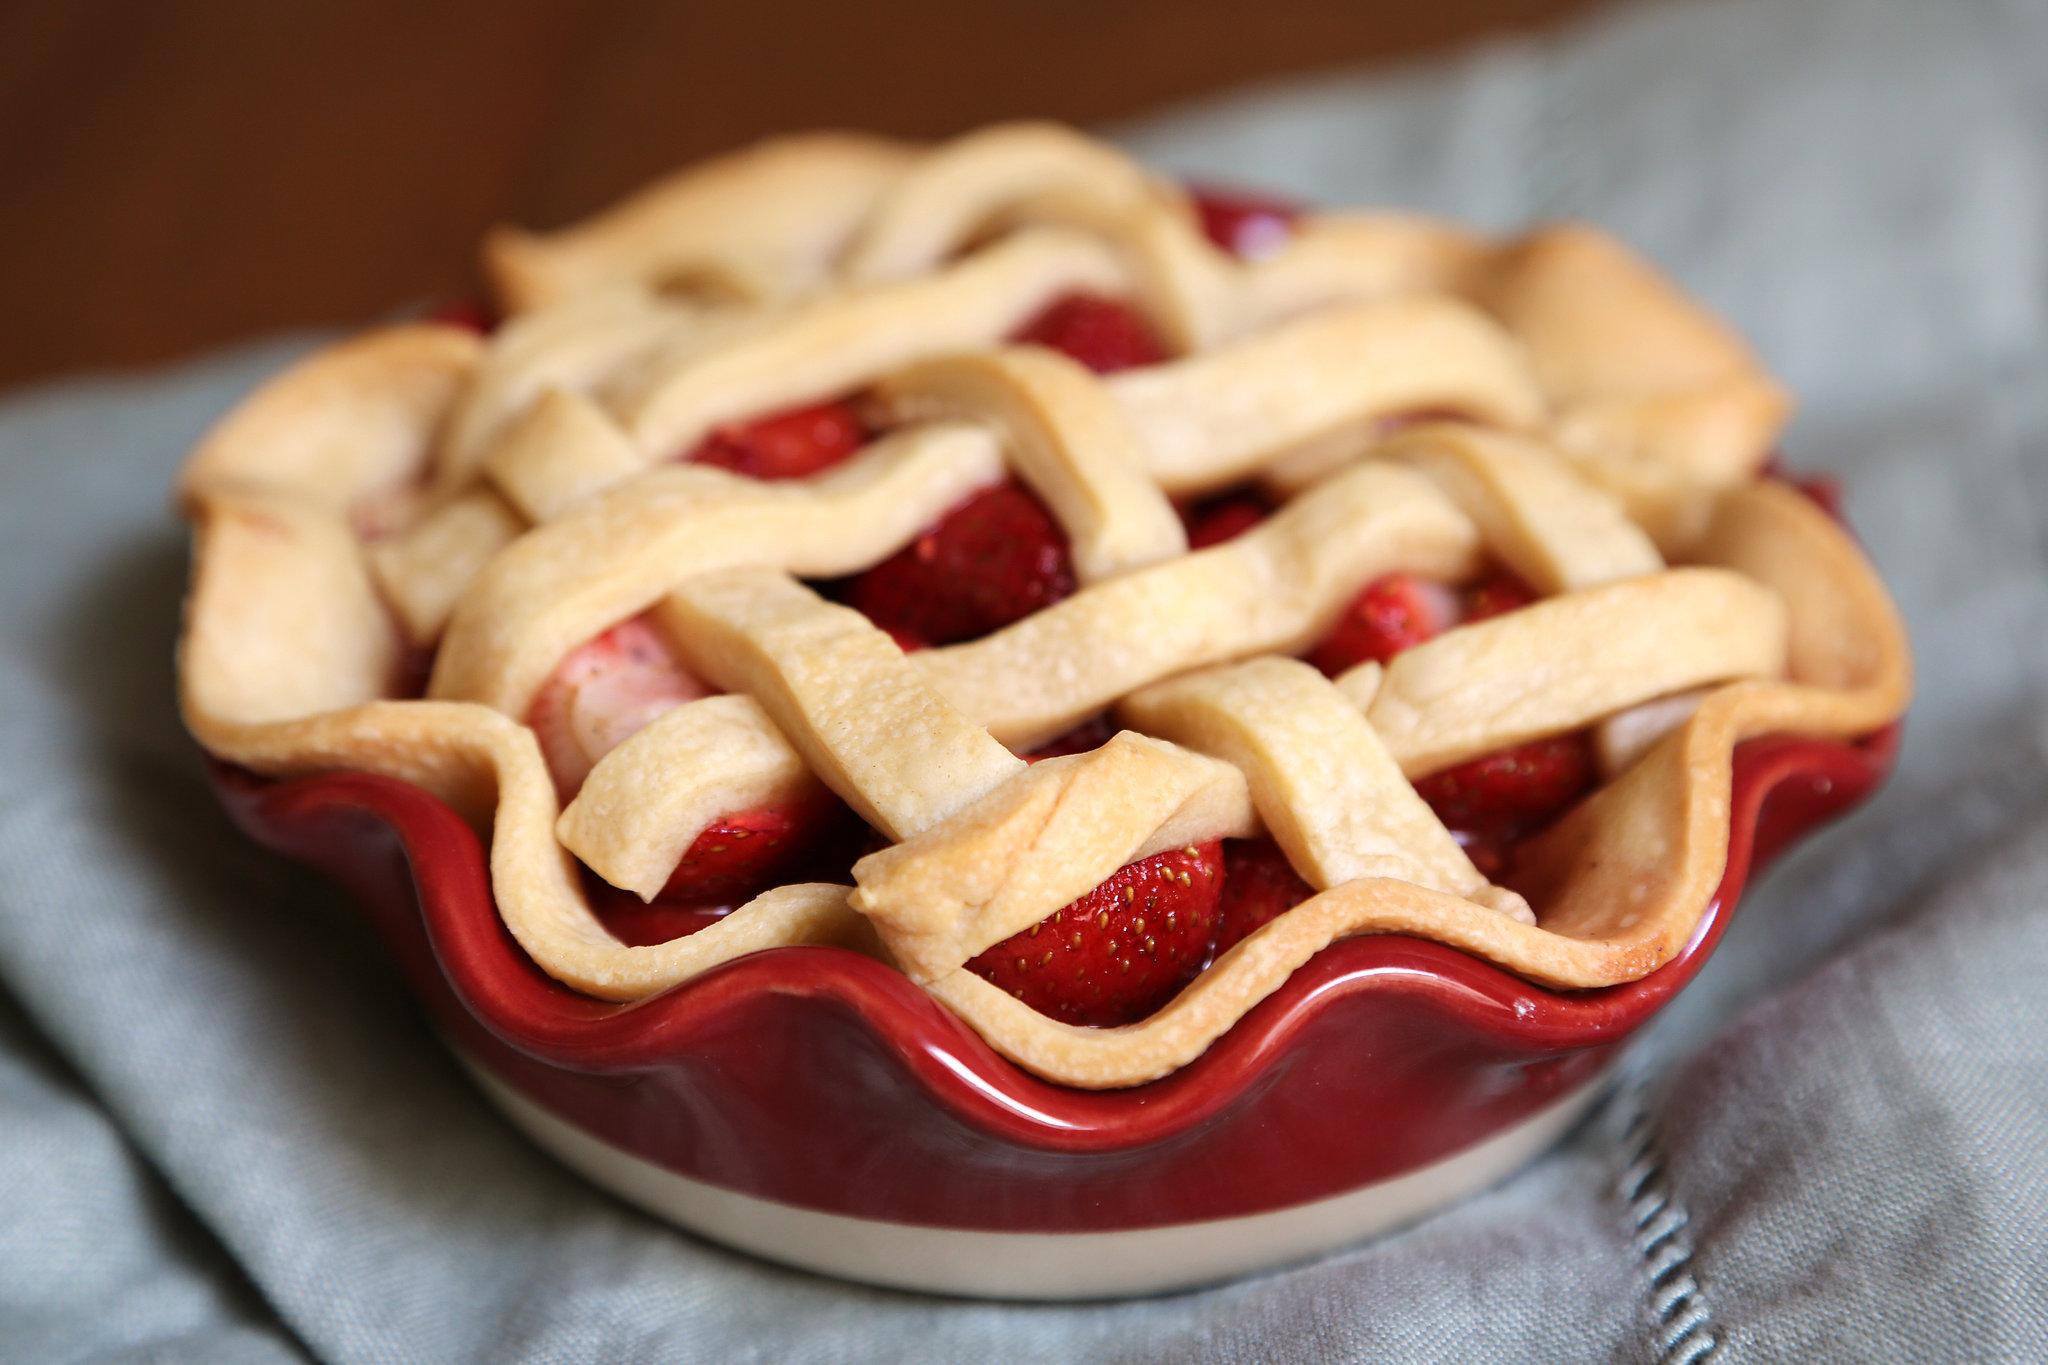 Strawberry-Raspberry Pie